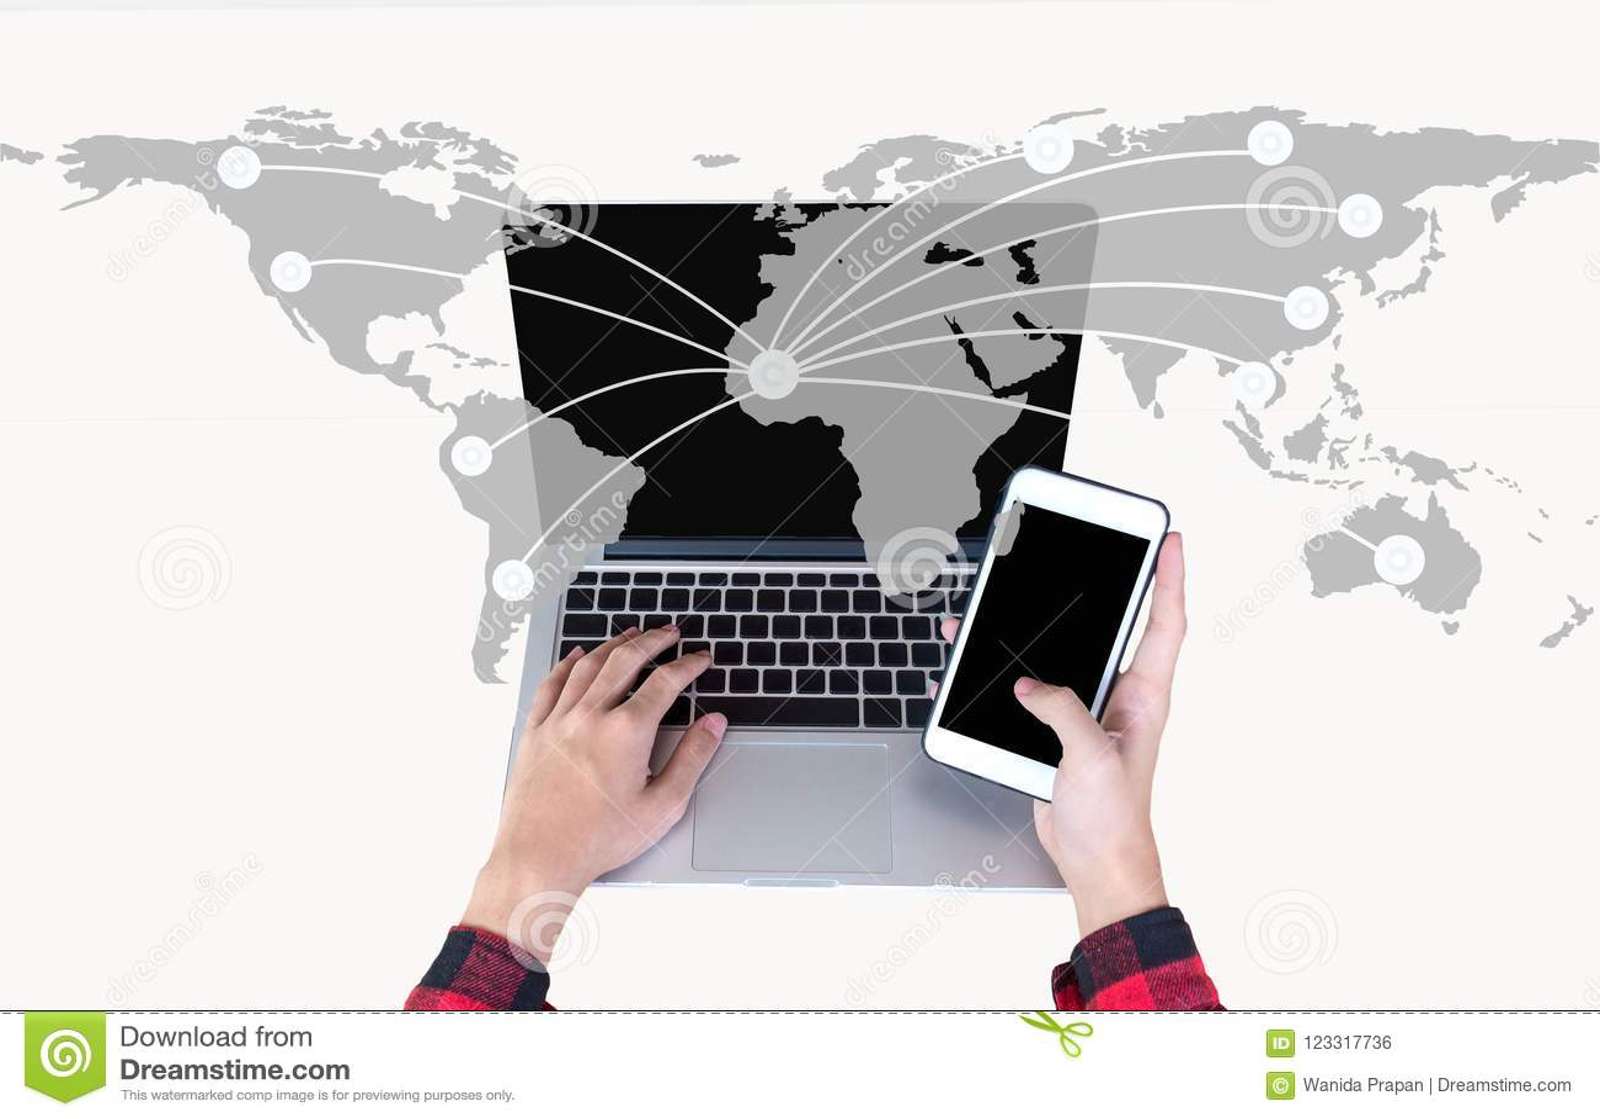 De hand die slimme telefoon en gebruikslaptop computer op wereld houden brengt netwerk voor mededeling in kaart,